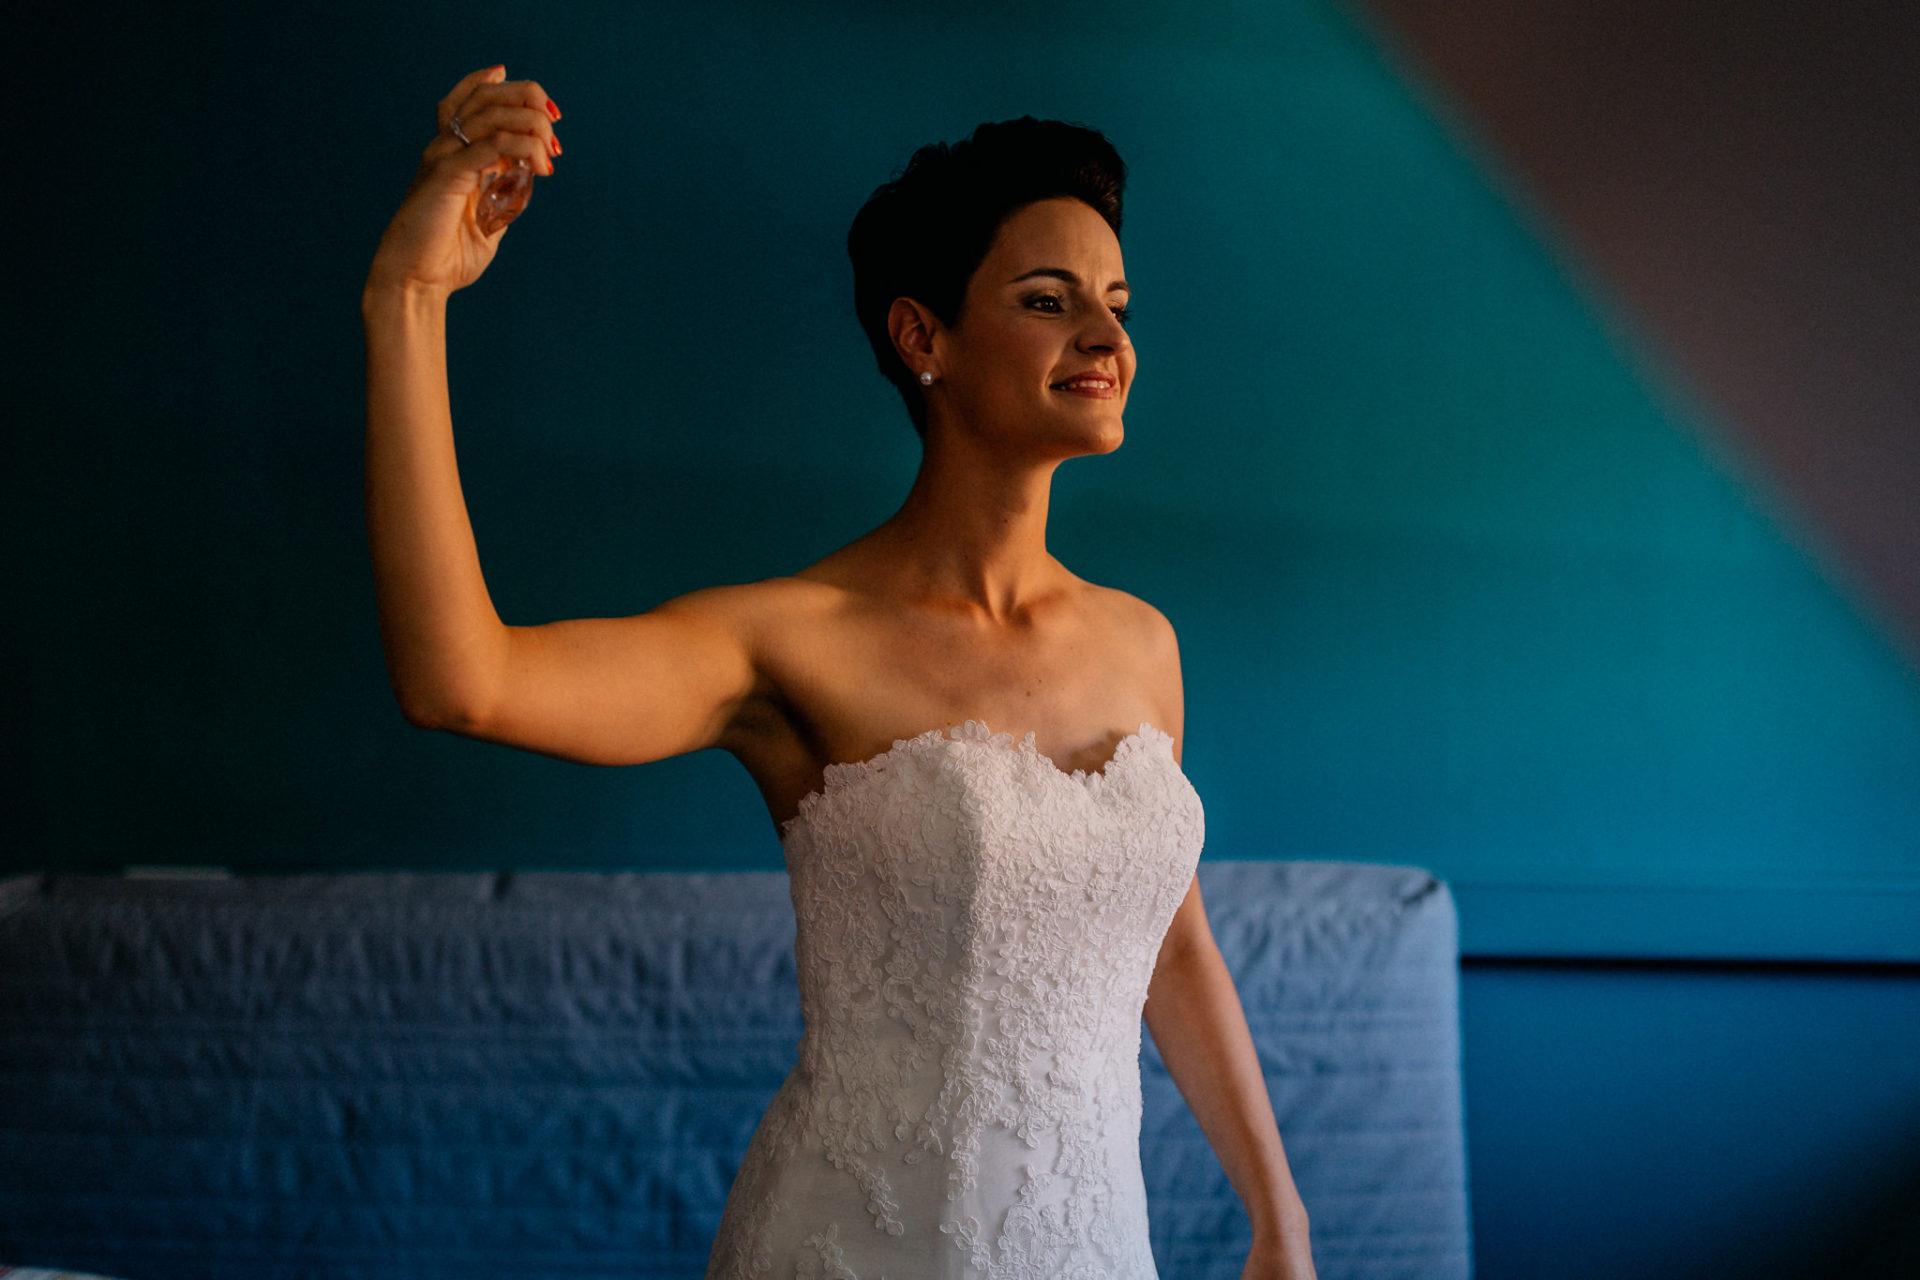 Weingut Fitz Ritter Hochzeitsfotograf-heiraten Pfalz-Sommerhochzeit Braut Getting Ready Parfum